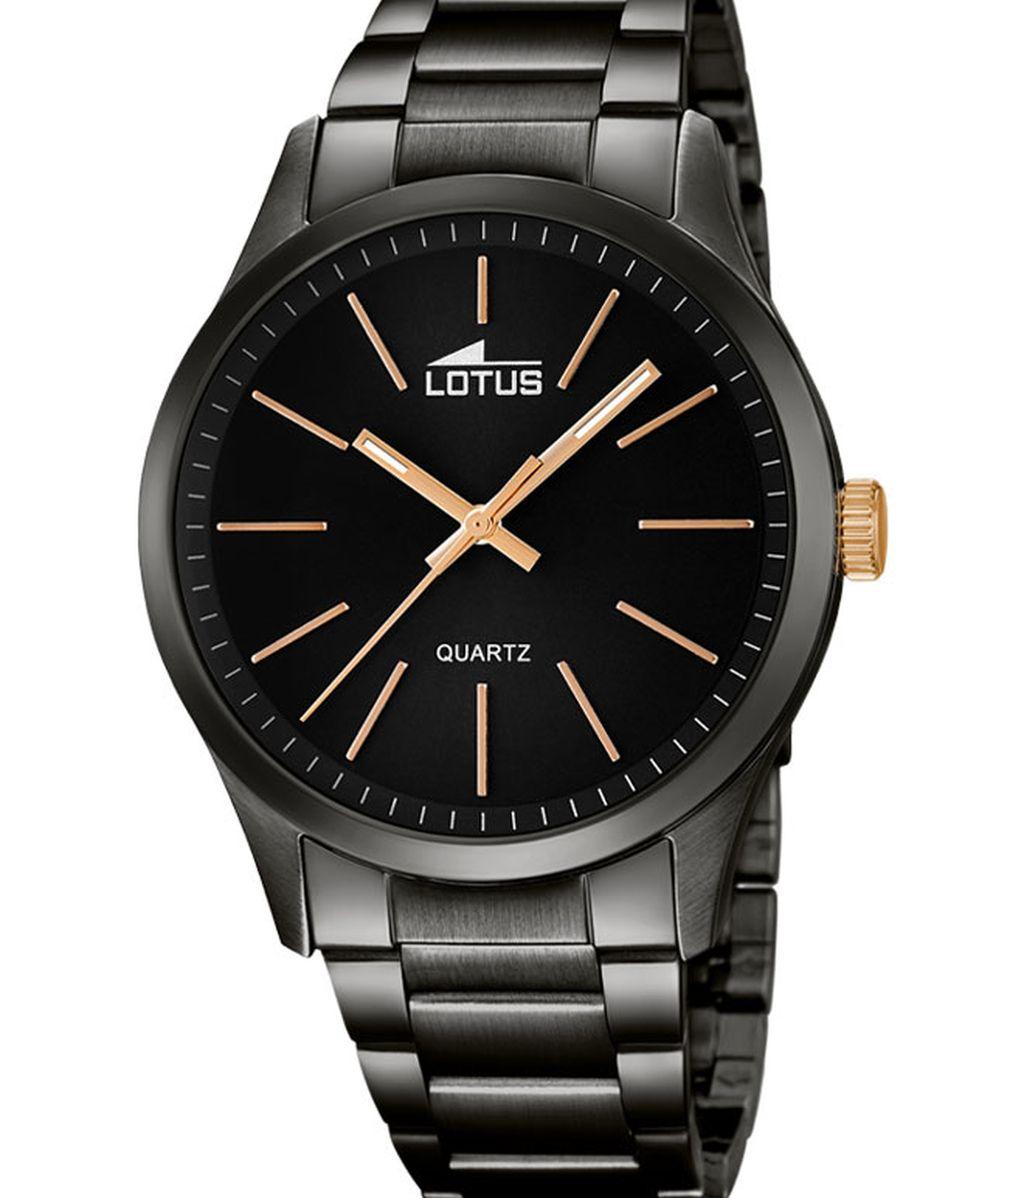 ¡Participa en nuestro concurso y llévate tu reloj Lotus para hombre favorito!